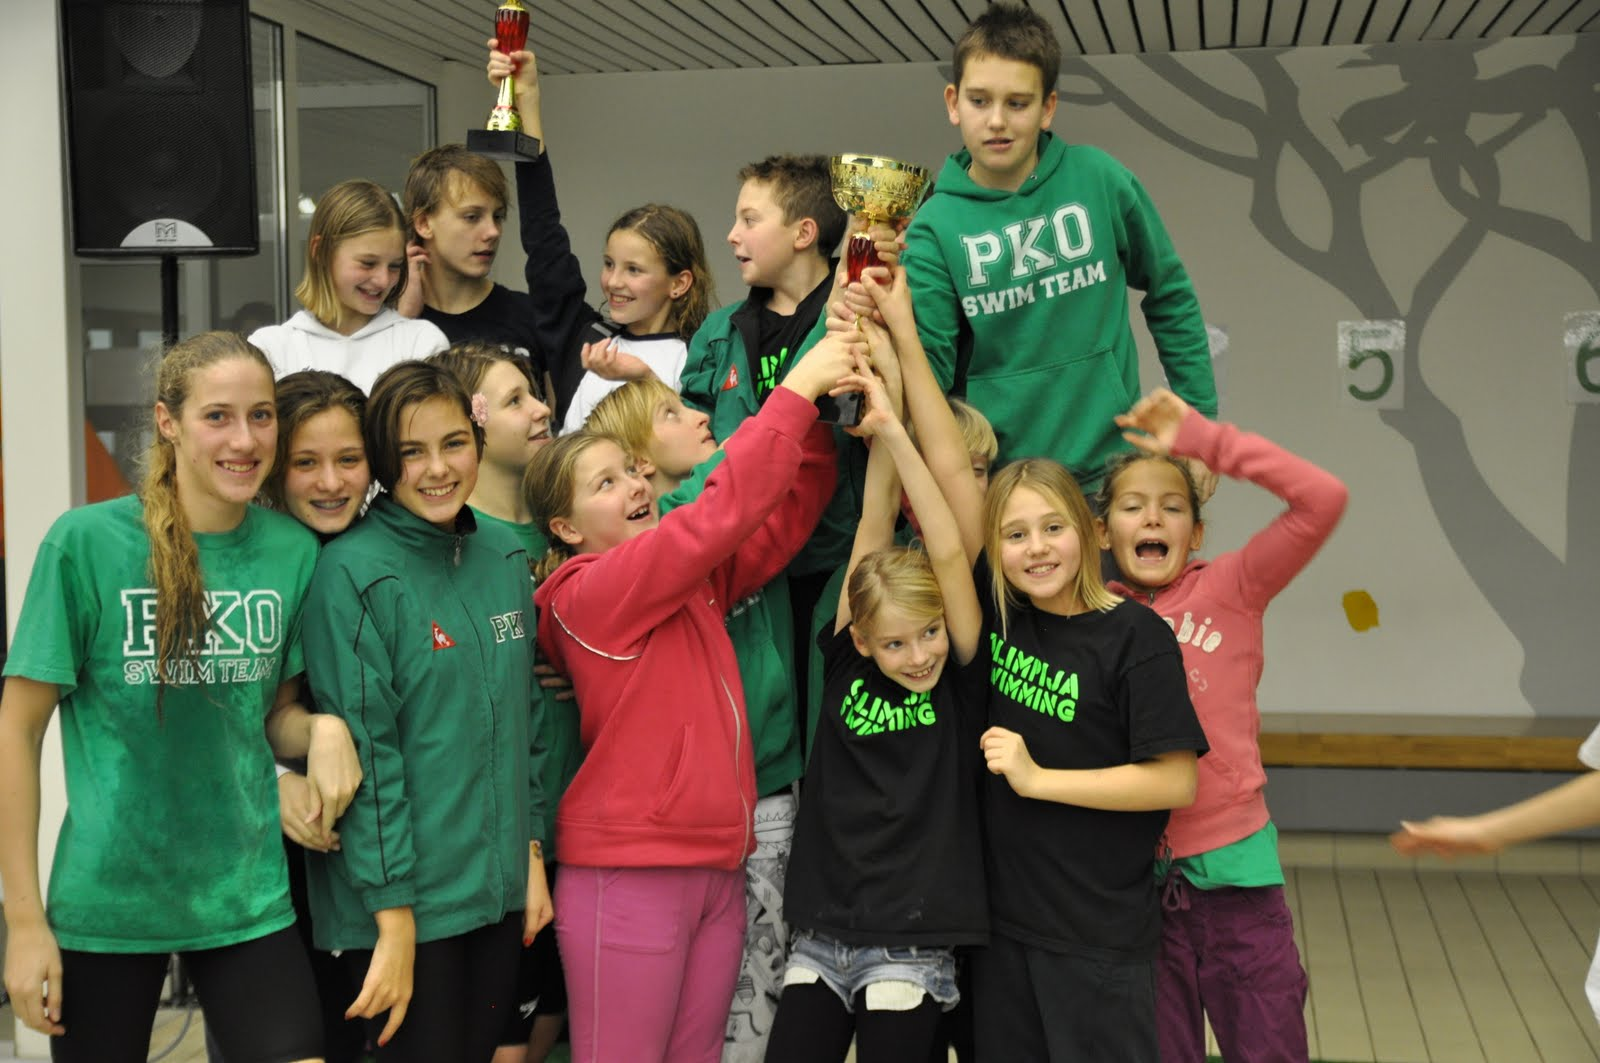 21. MM Miklavž 2012 - 8.12.2012, Ljubljana